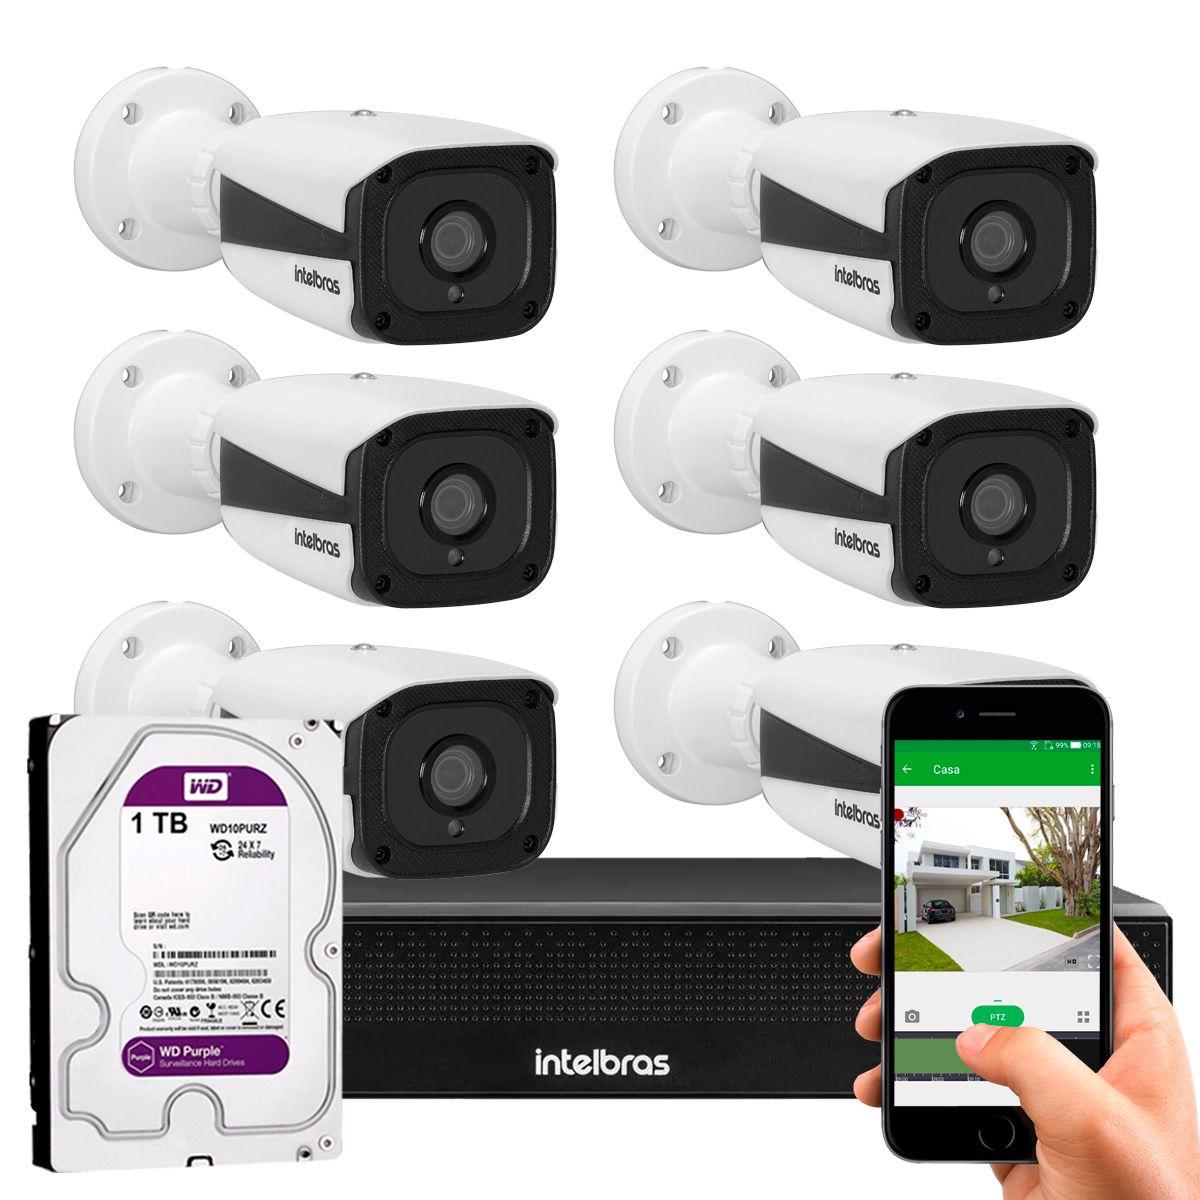 Kit 06 Câmeras IP Full HD Intelbras VIP 1220 B G3 + NVD 1308 + HD WD Purple 1TB  - Tudo Forte